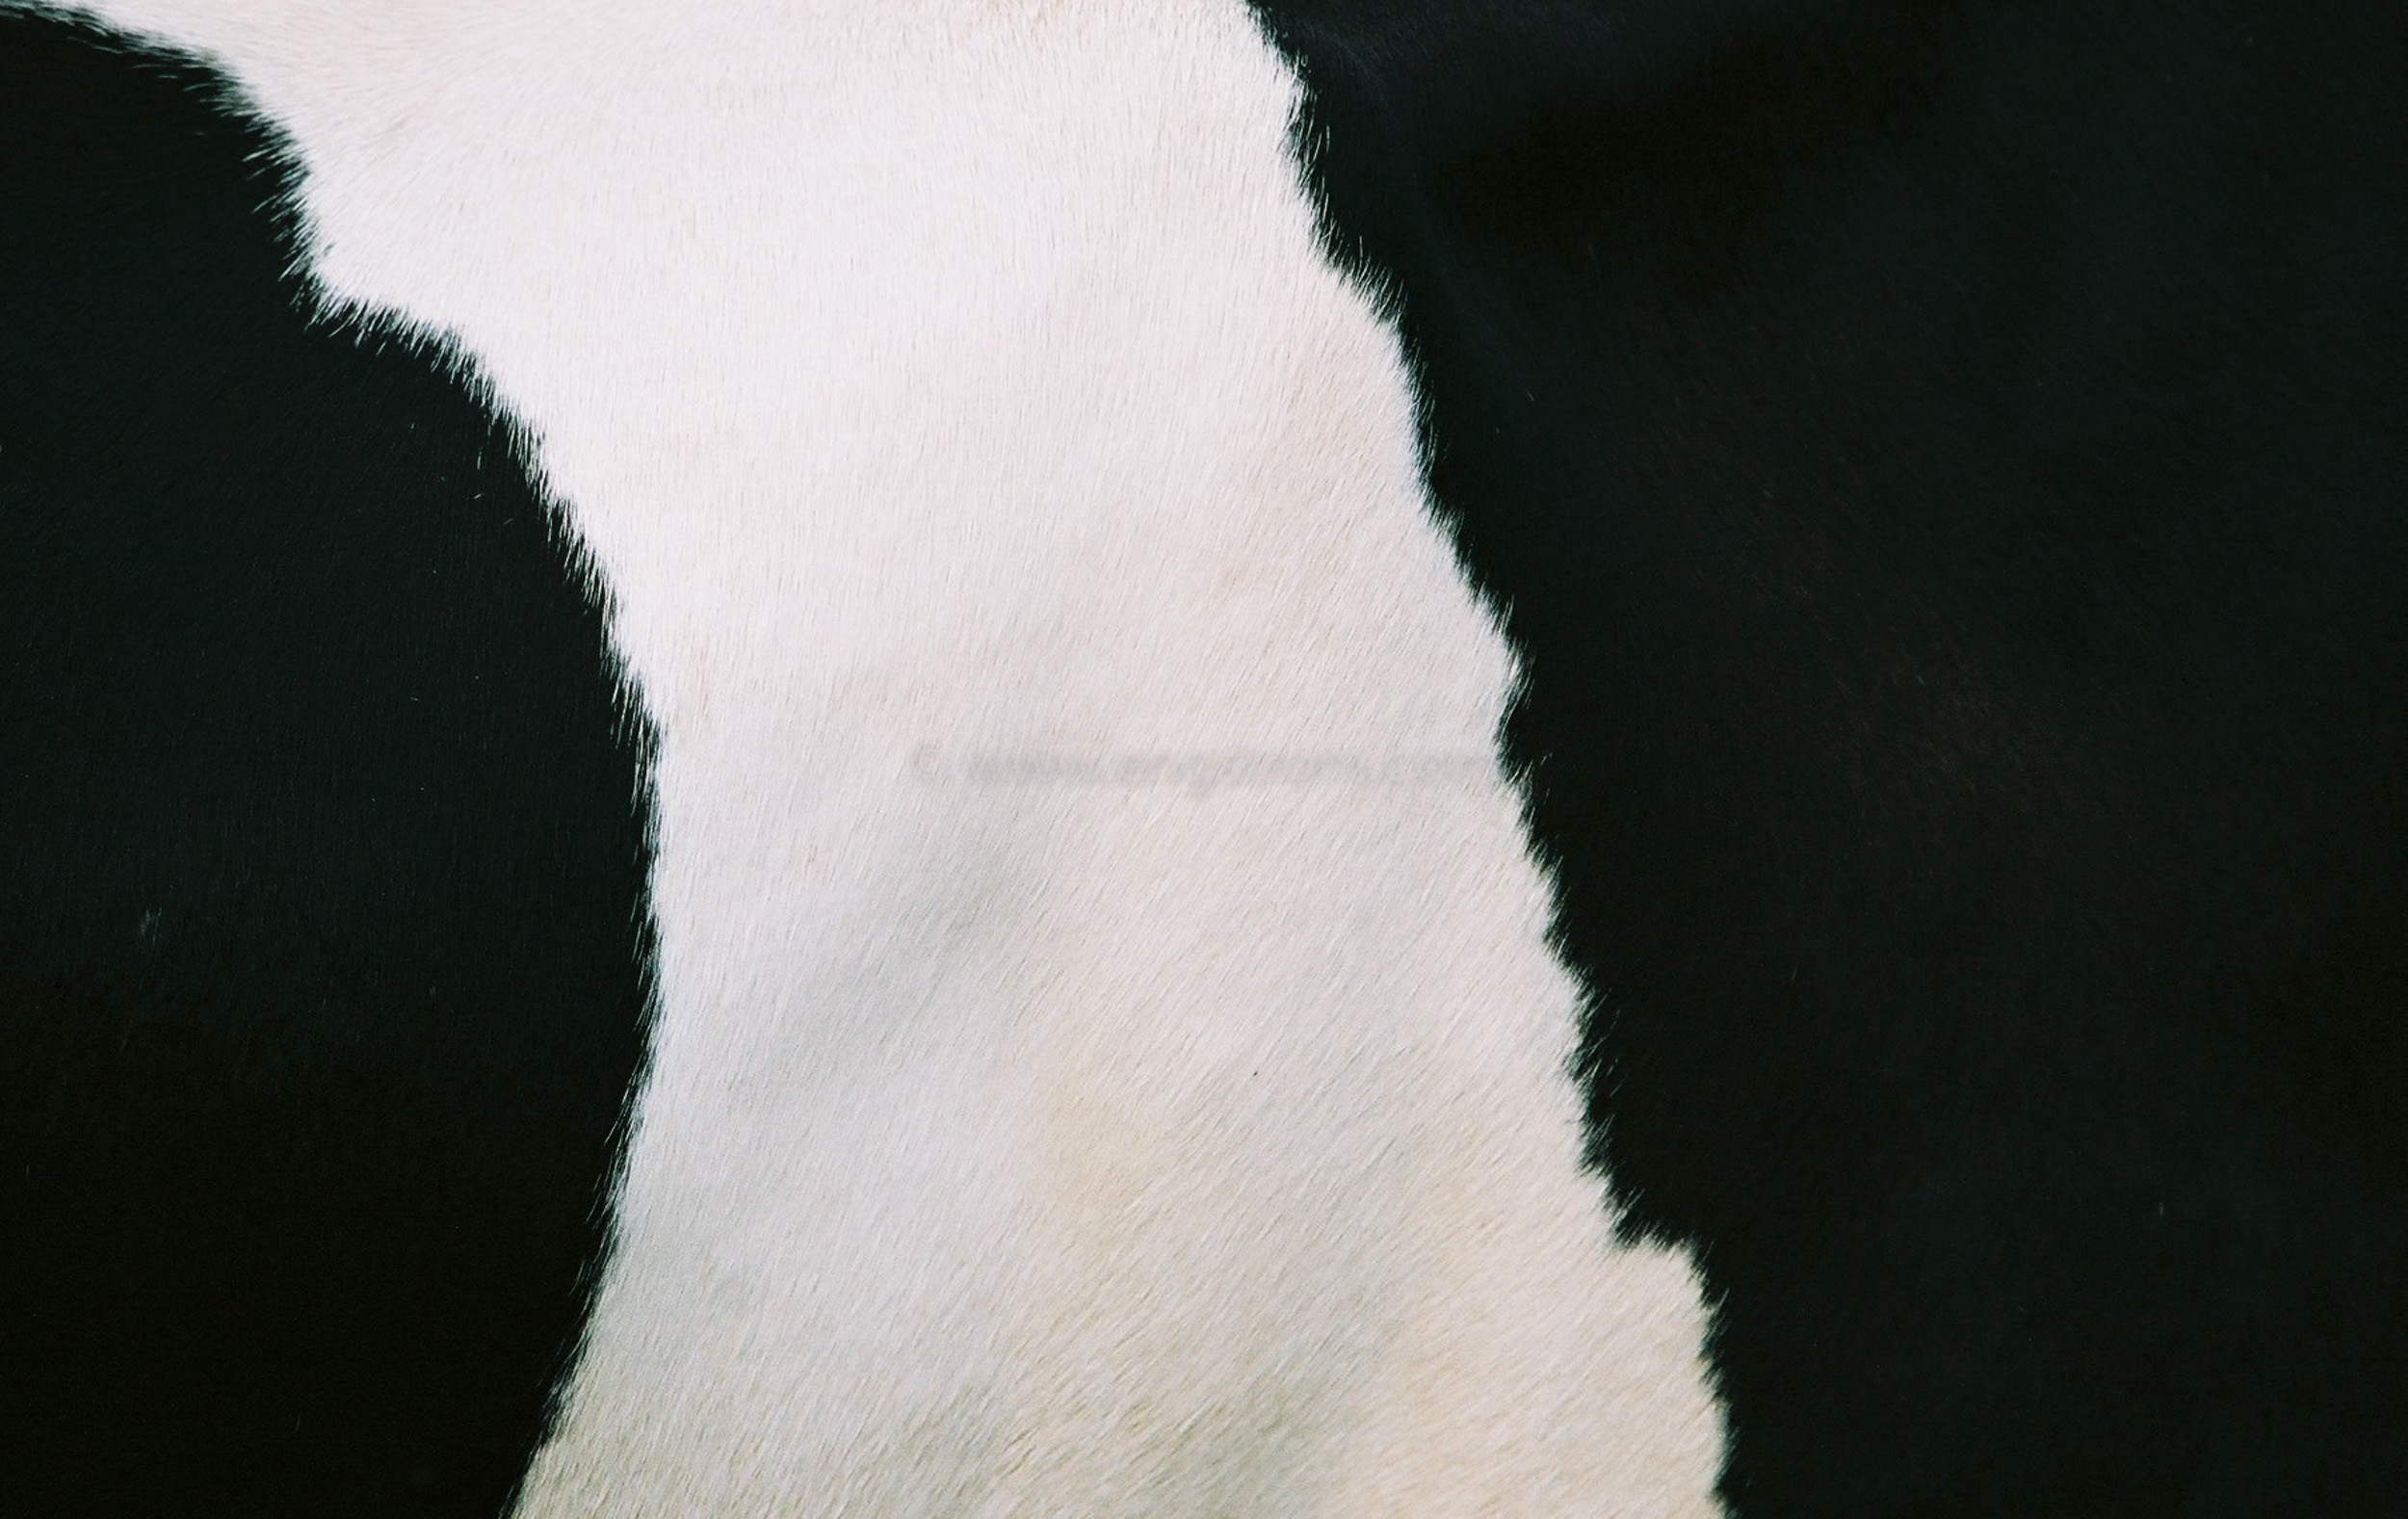 JE0320_12, Svartvitt mönster i päls på ko med svans, Jonas Engström